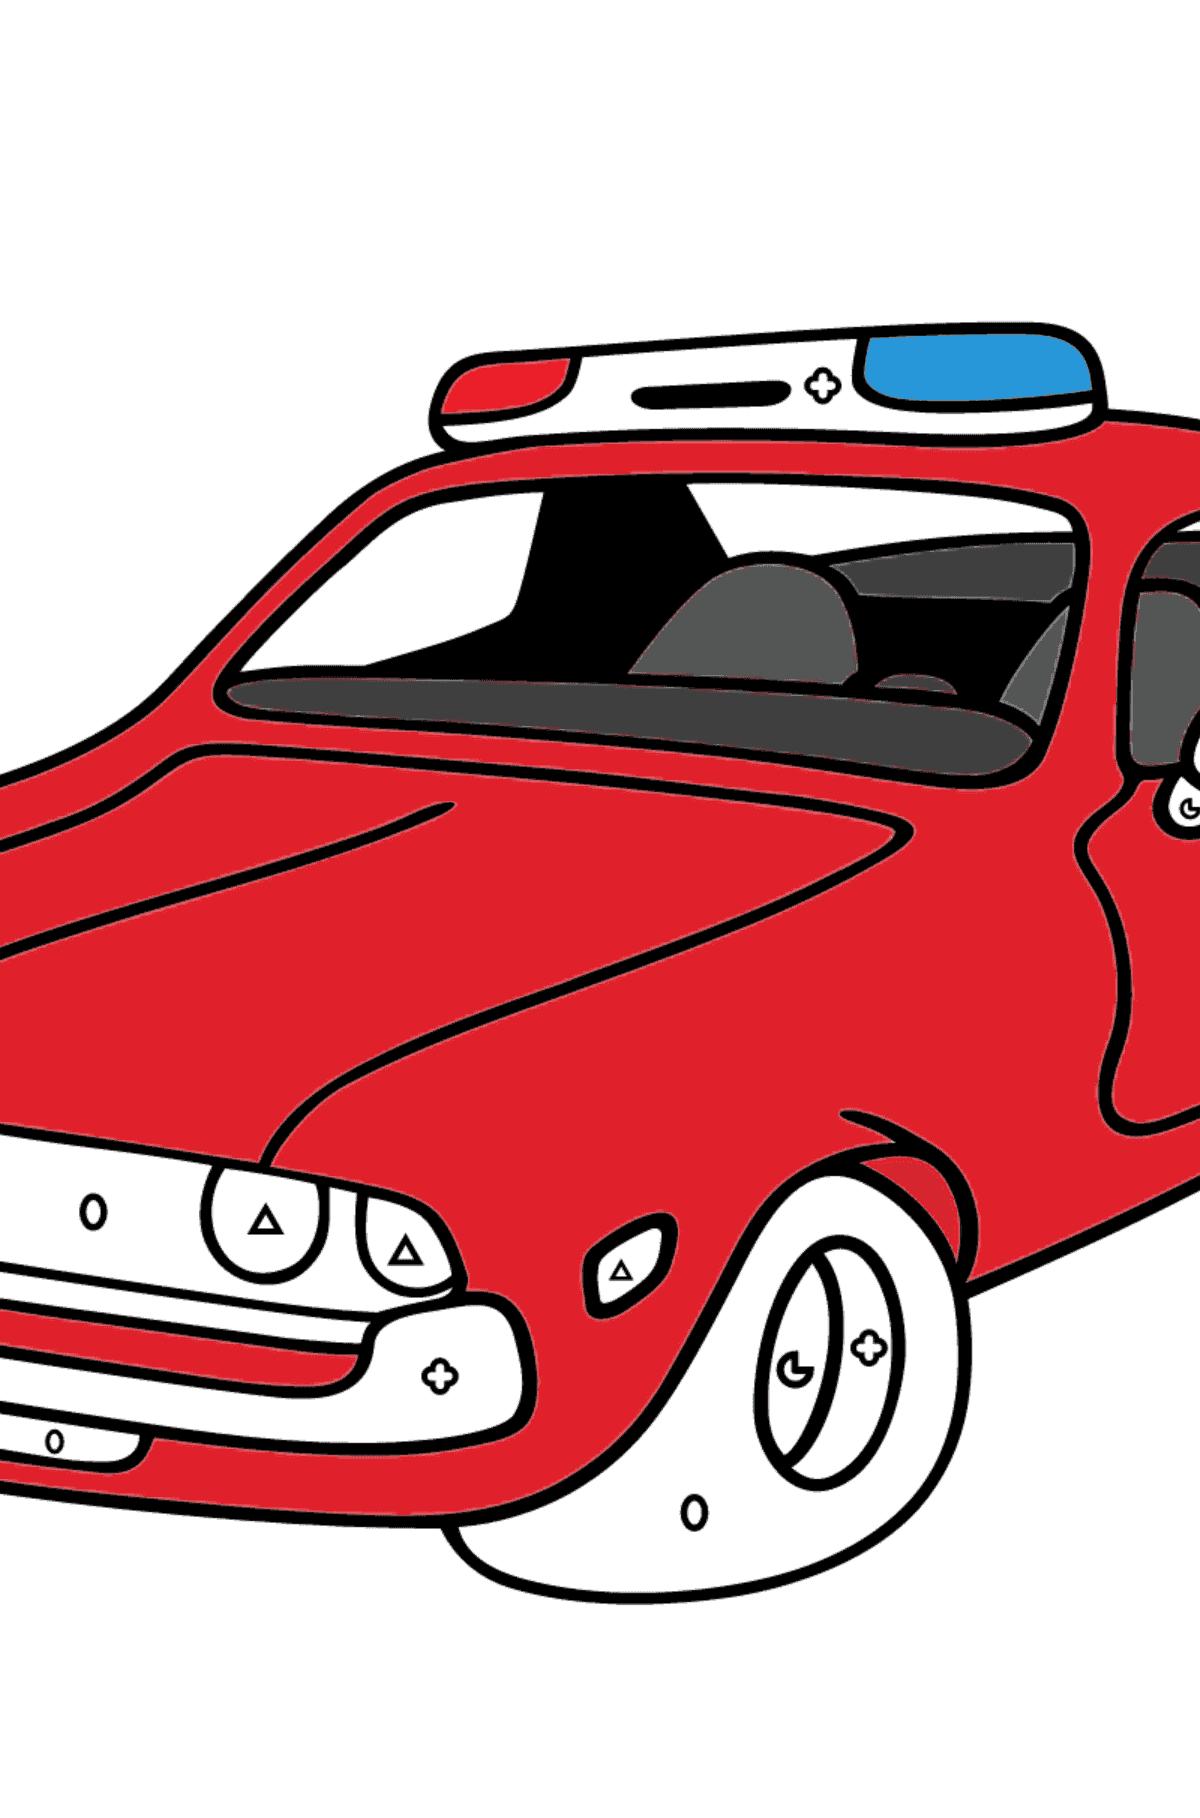 Ausmalseite - Ein rotes Polizeiauto